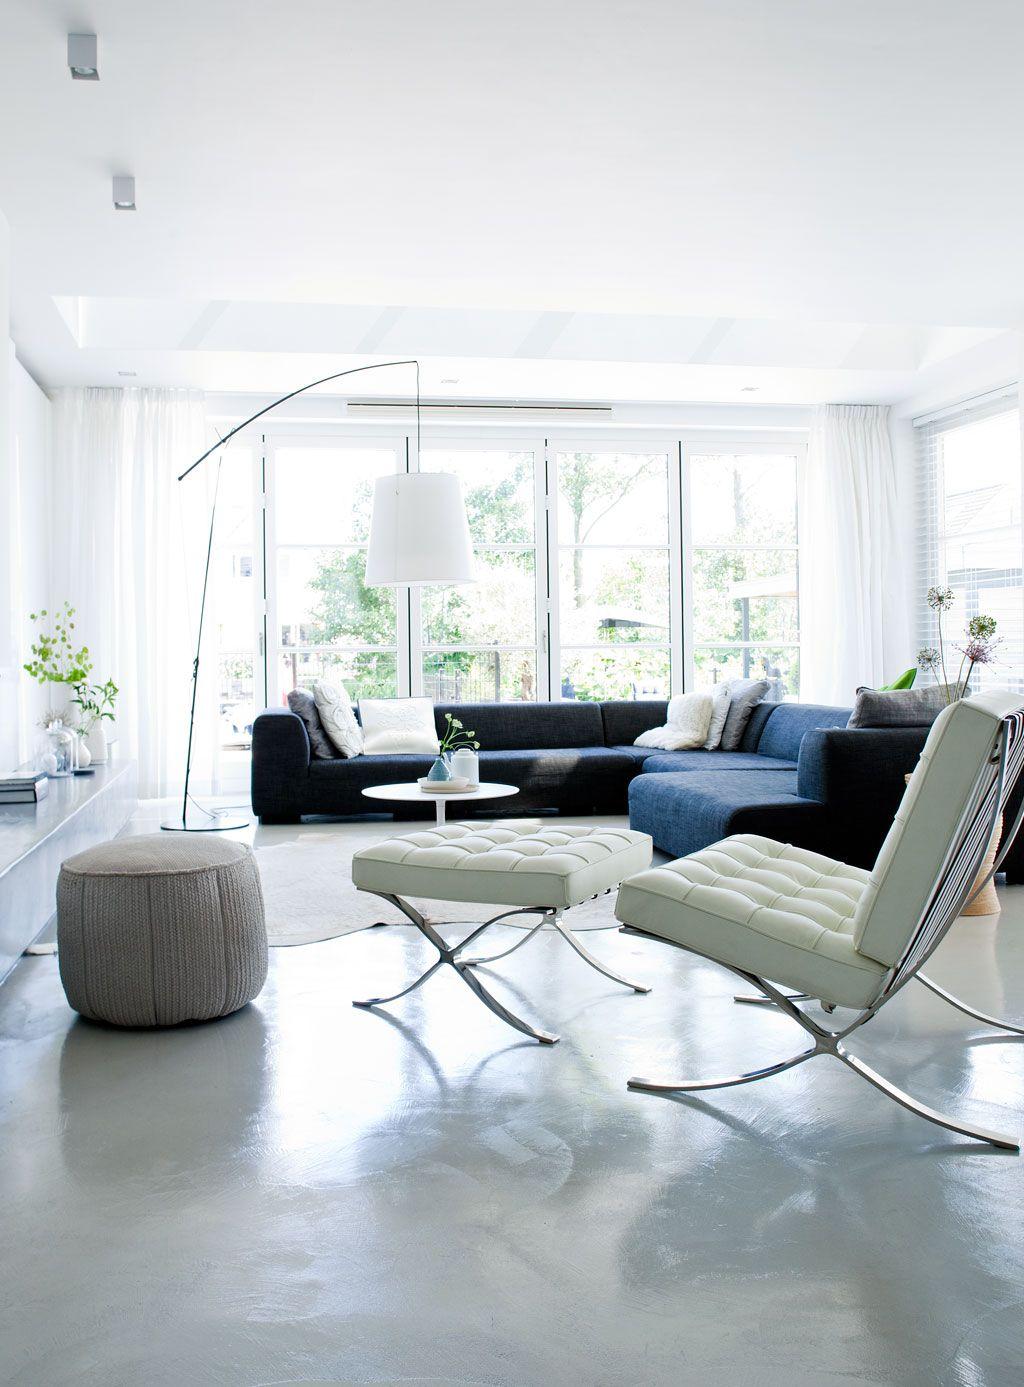 Delicieux Barcelona Chair In Livingroom